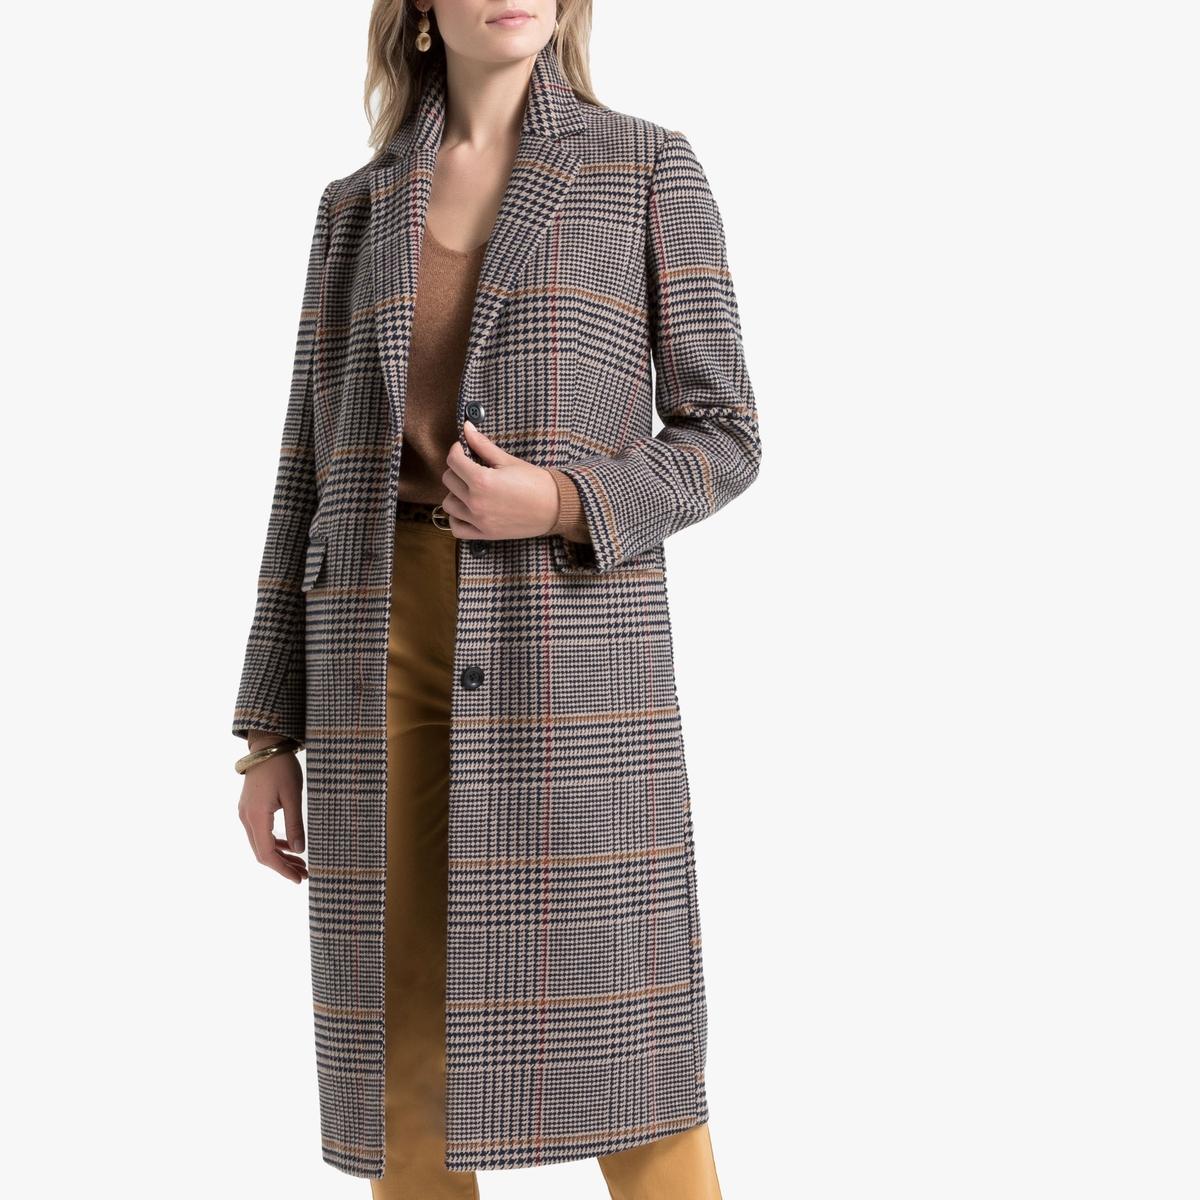 Пальто La Redoute Длинное в клетку с застежкой на пуговицы 42 (FR) - 48 (RUS) каштановый пальто la redoute в клетку 34 fr 40 rus каштановый